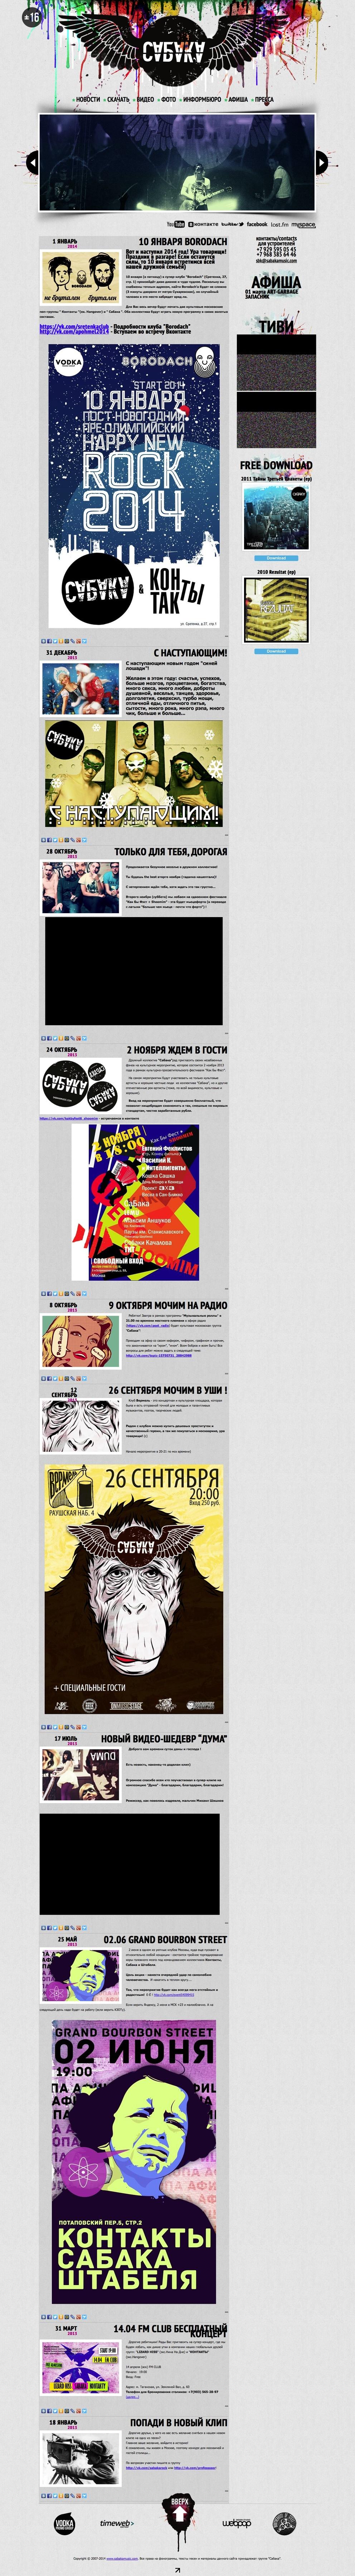 Cайт музыкальной группы / Проект компании Студия дизайна Webpop